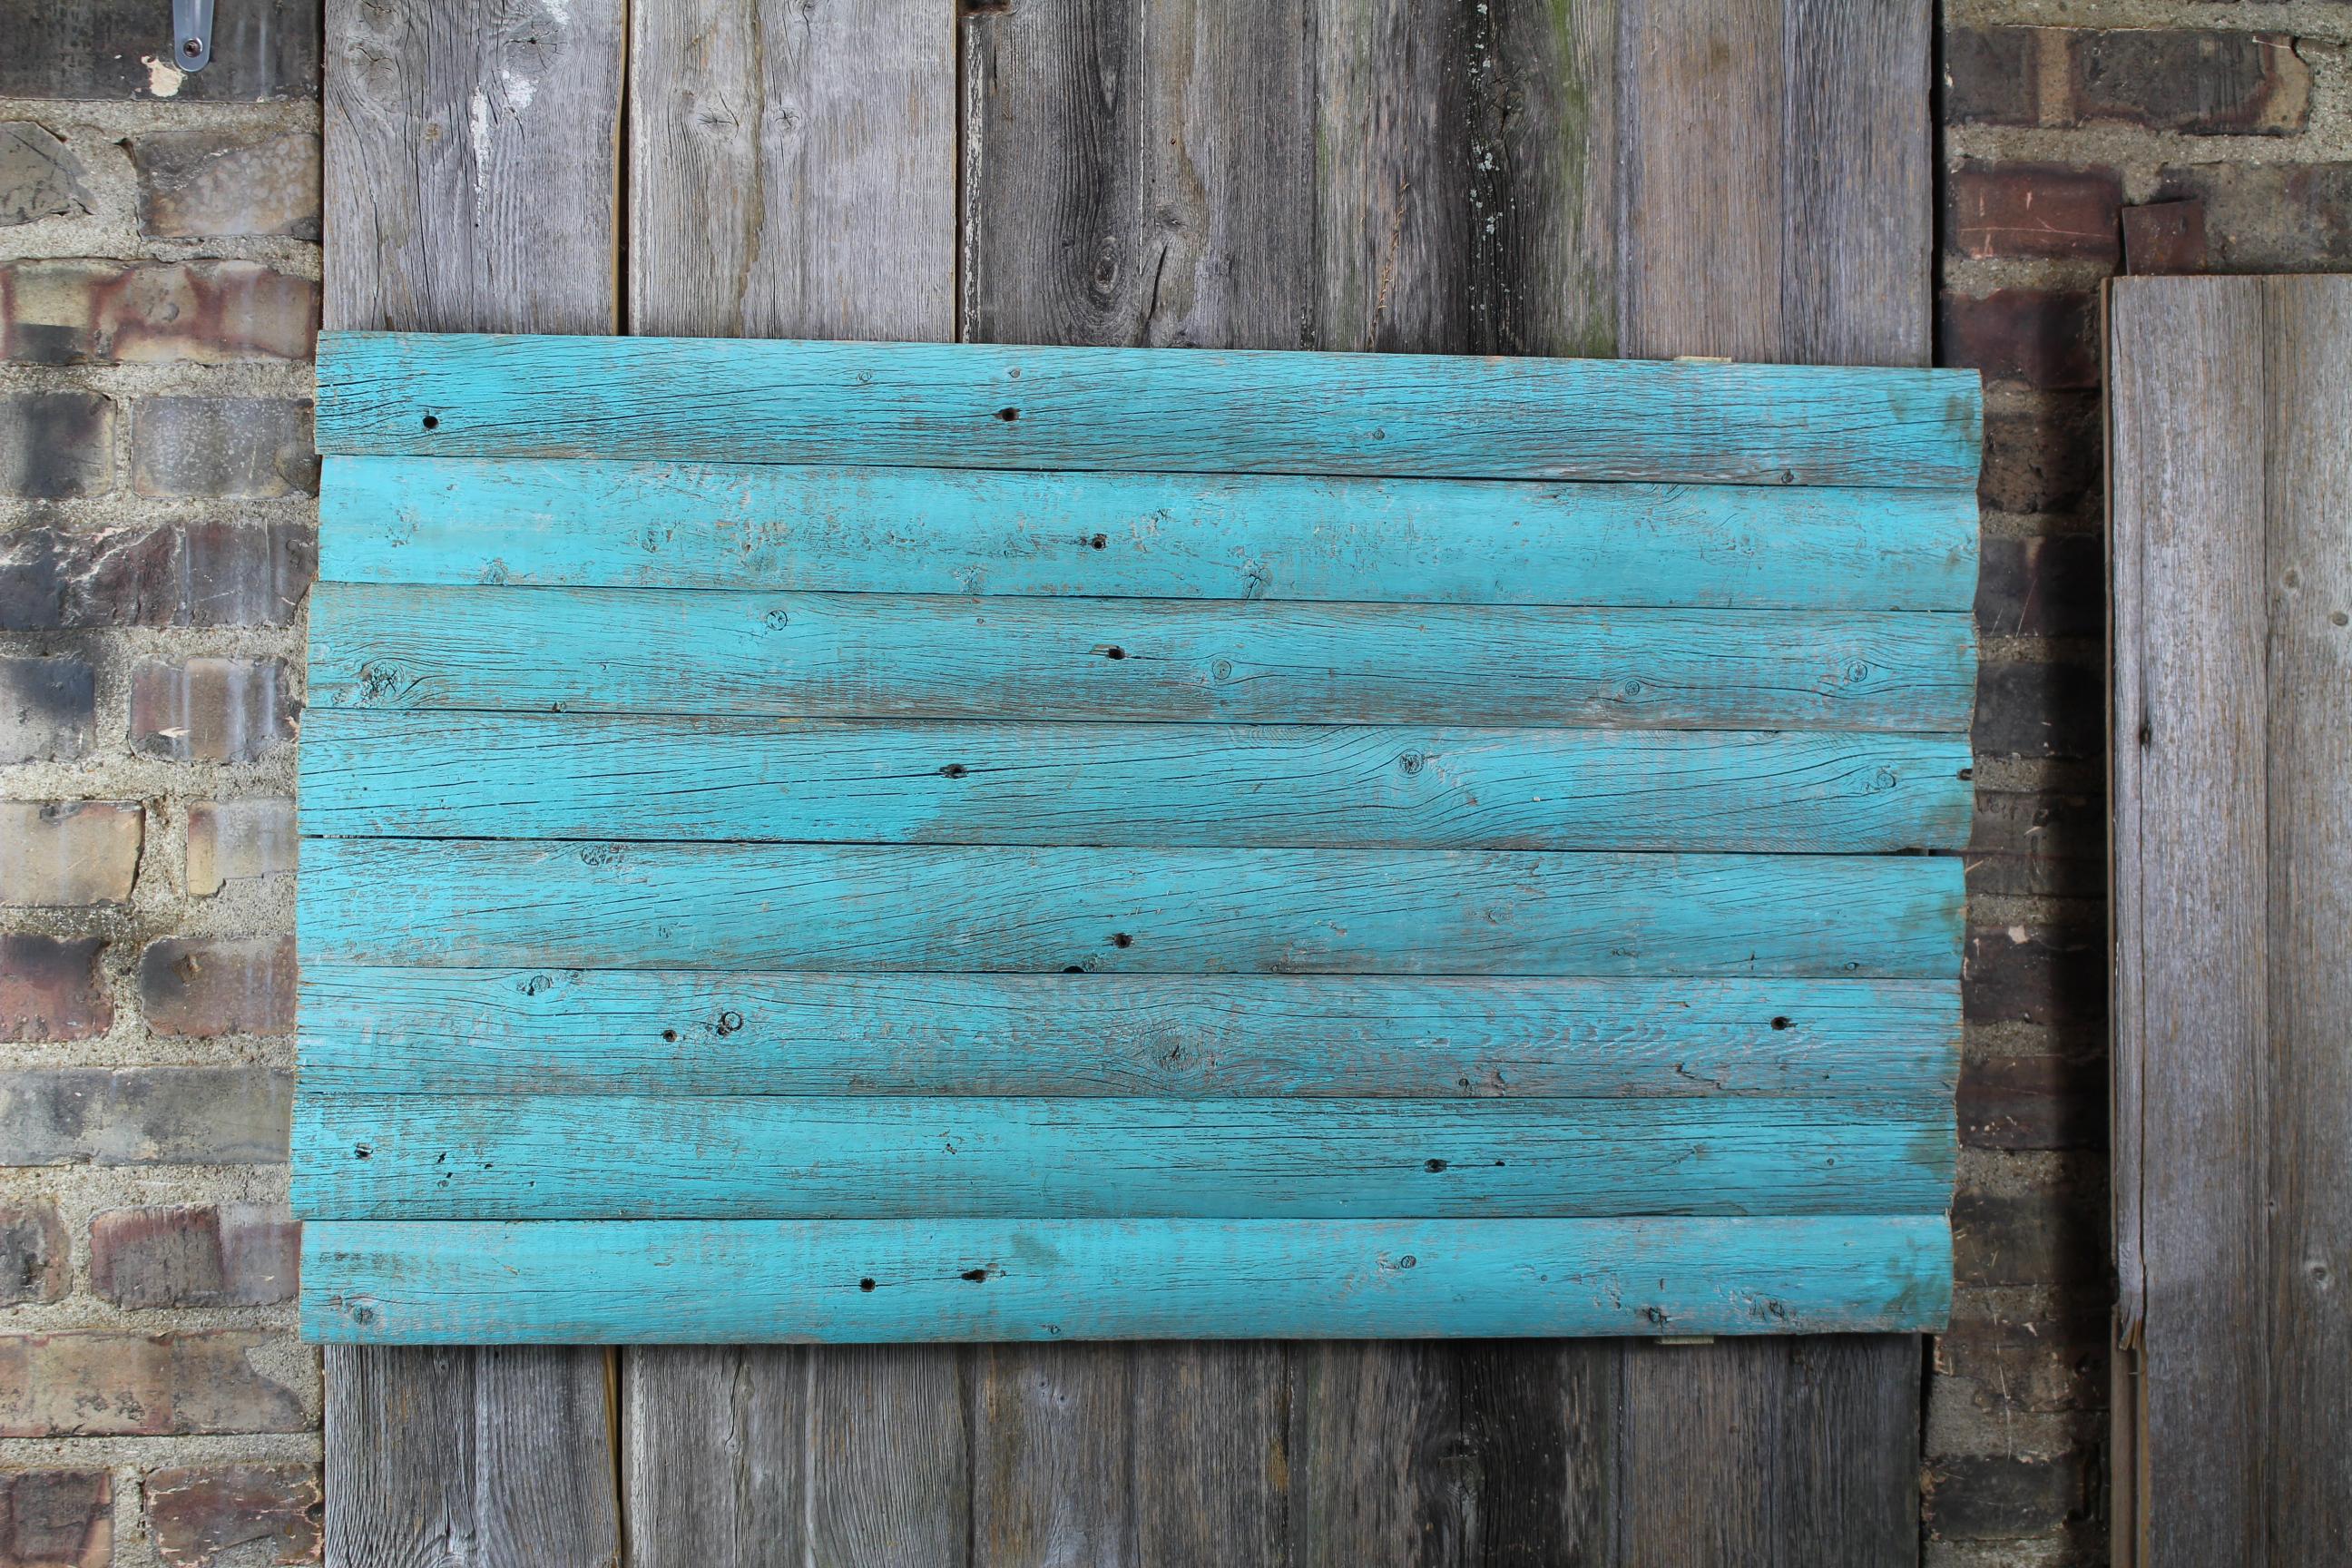 Barn woodback